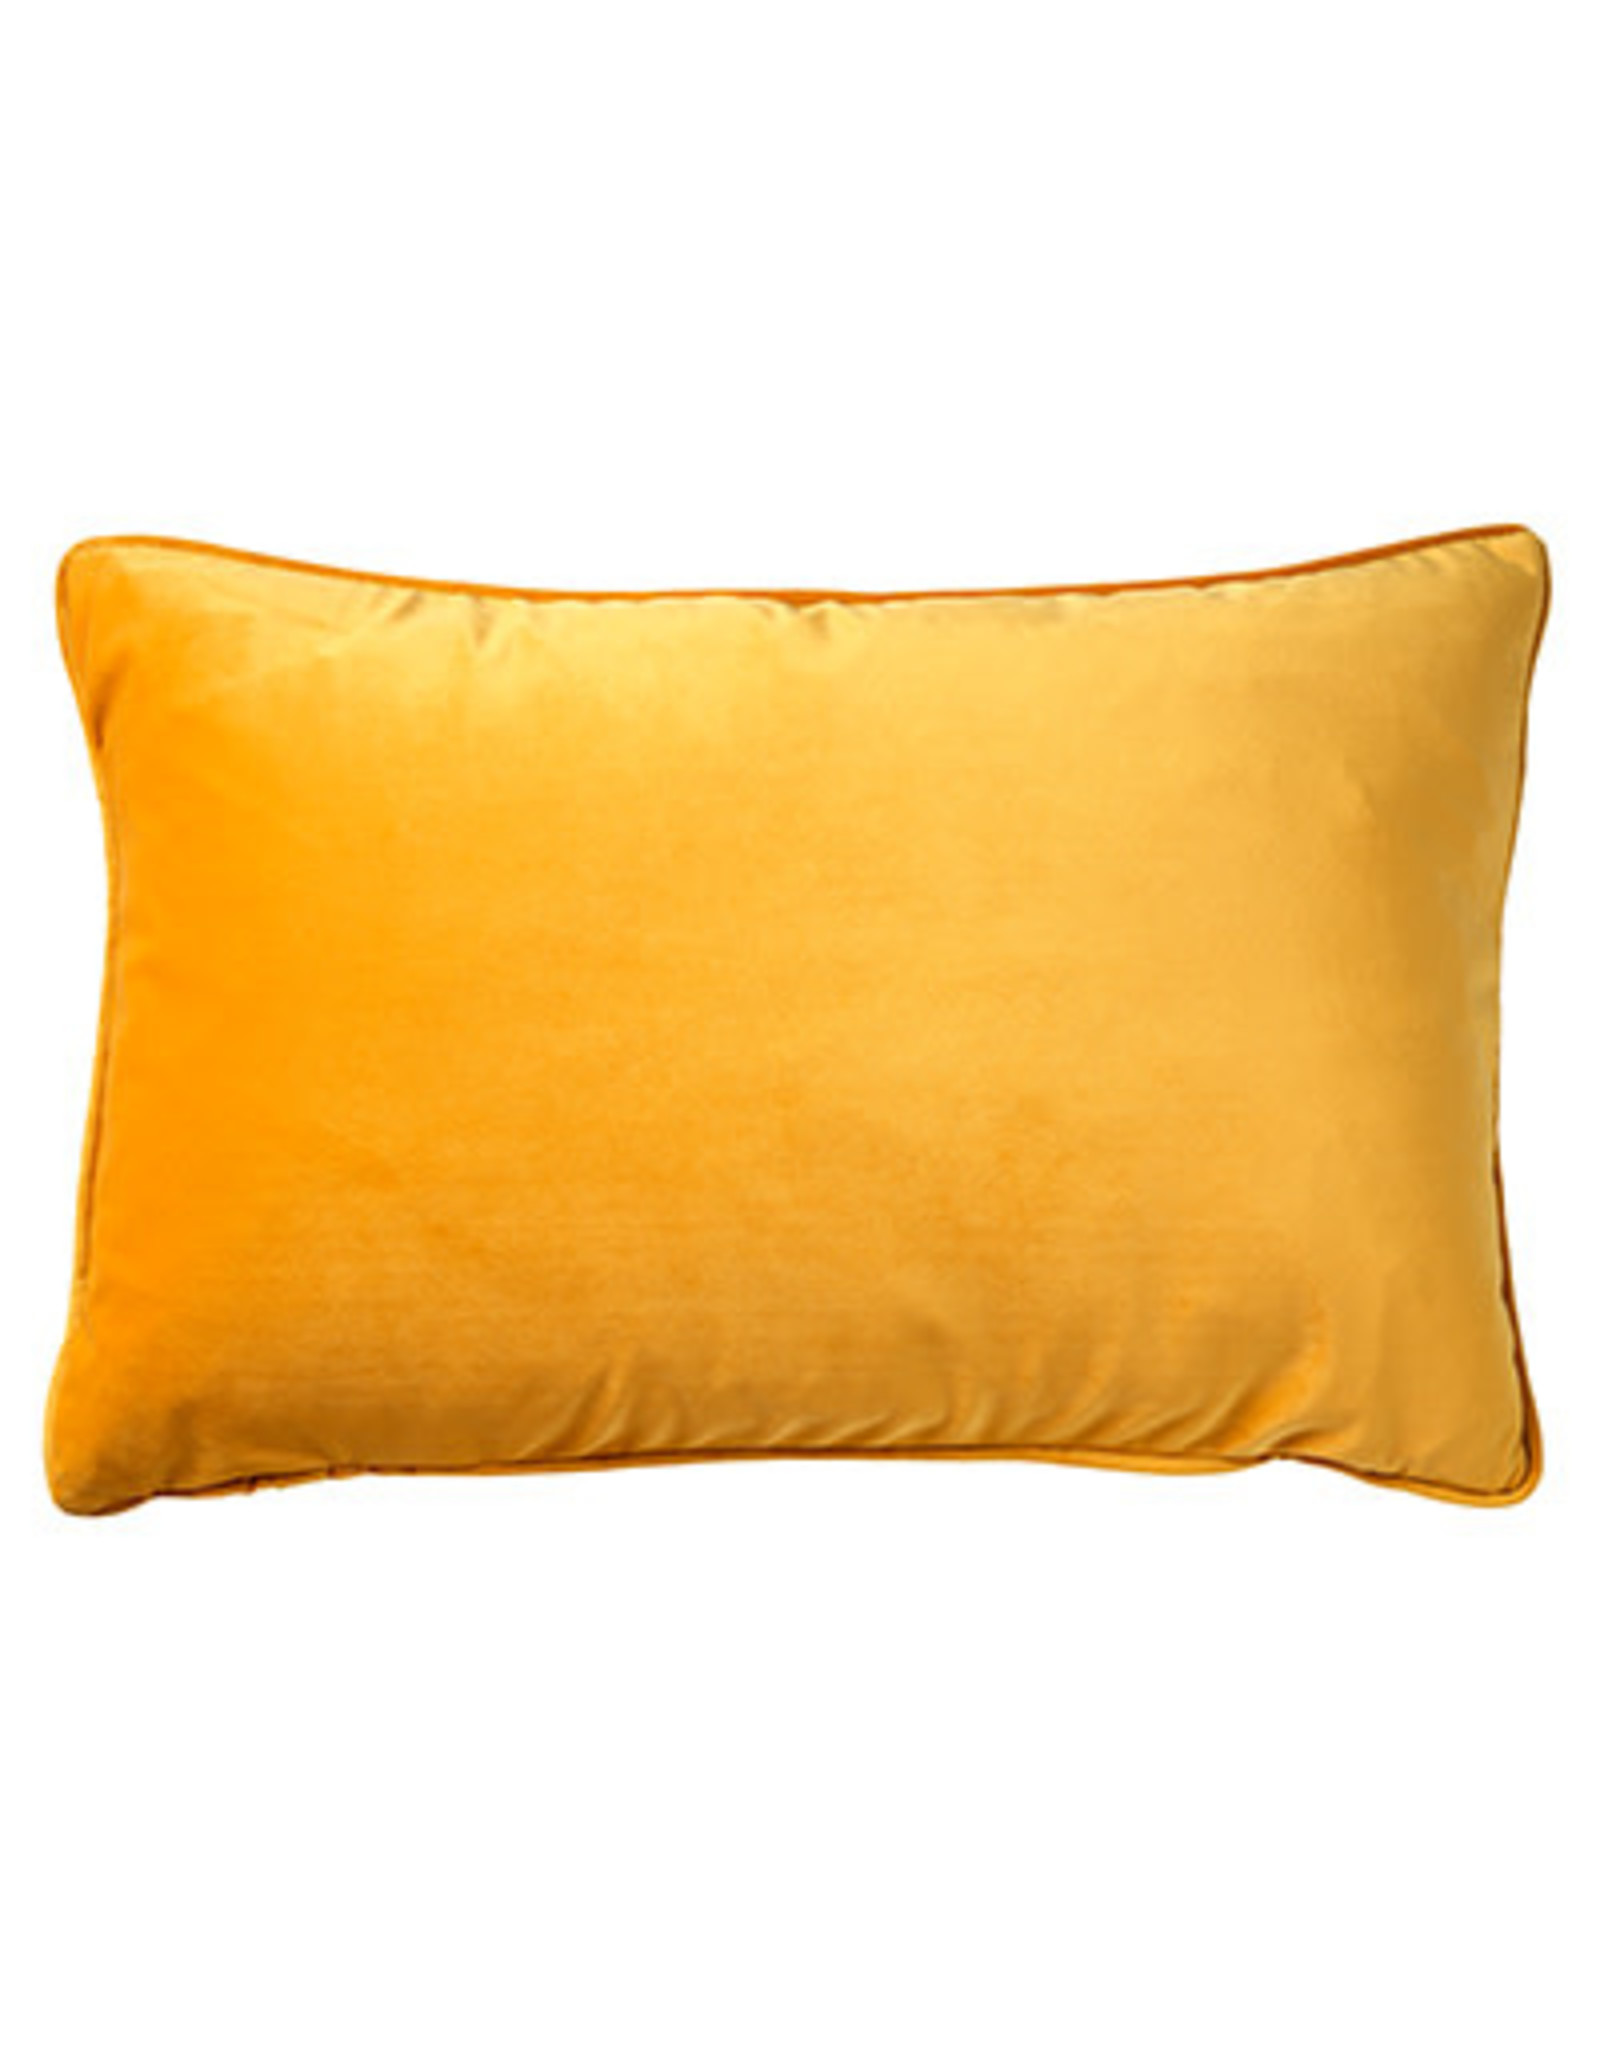 Dutch Decor Kussen - Finn Golden Glow